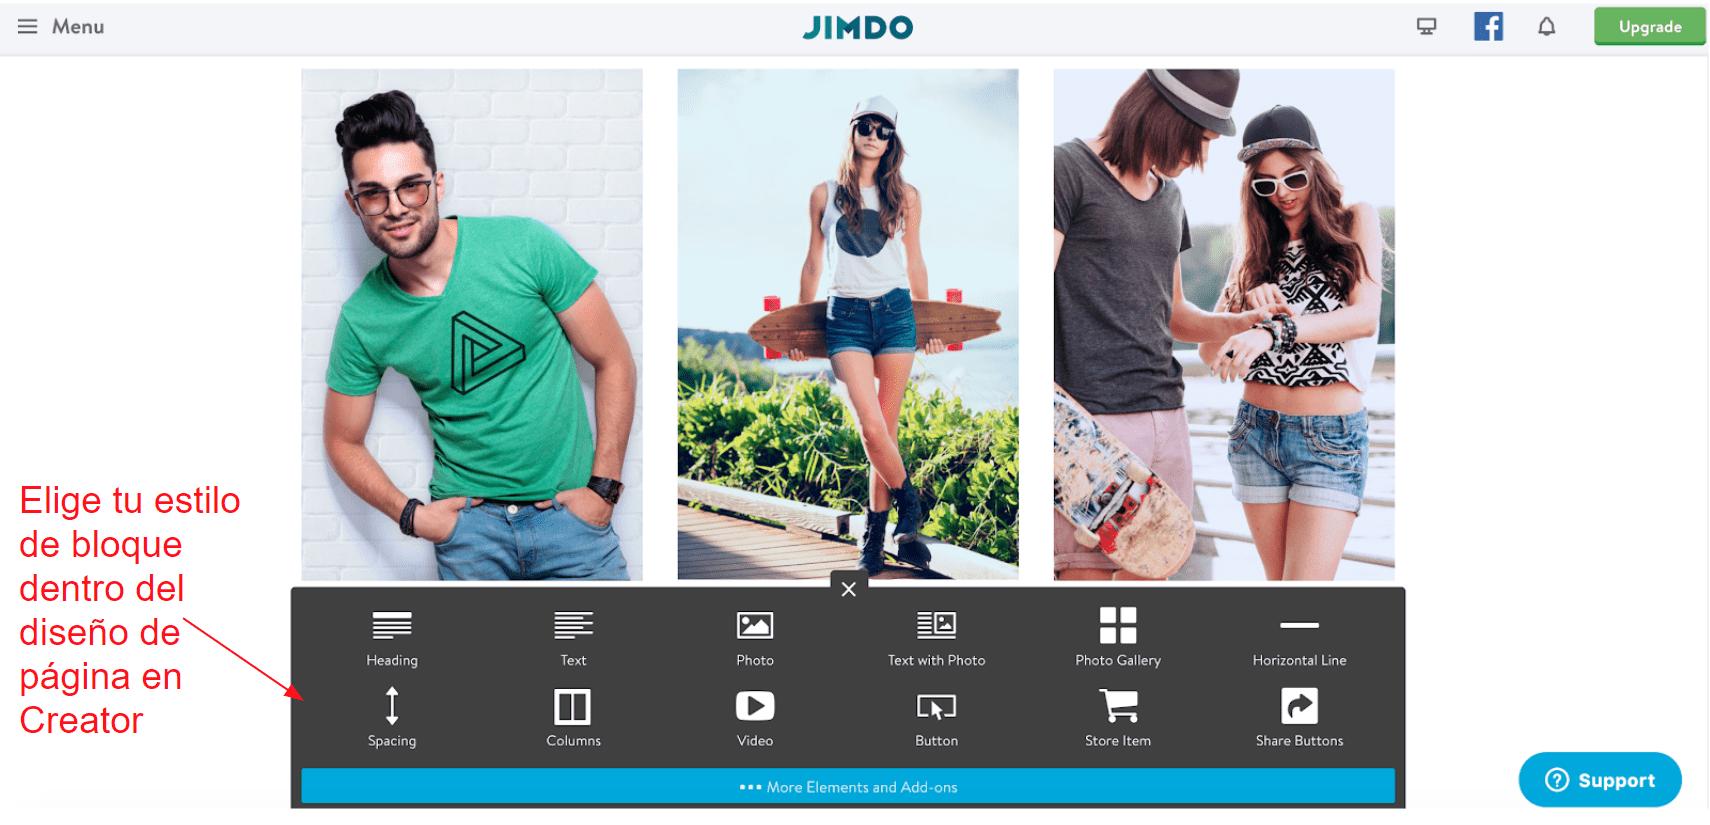 Jimdo Creator in-line block editor